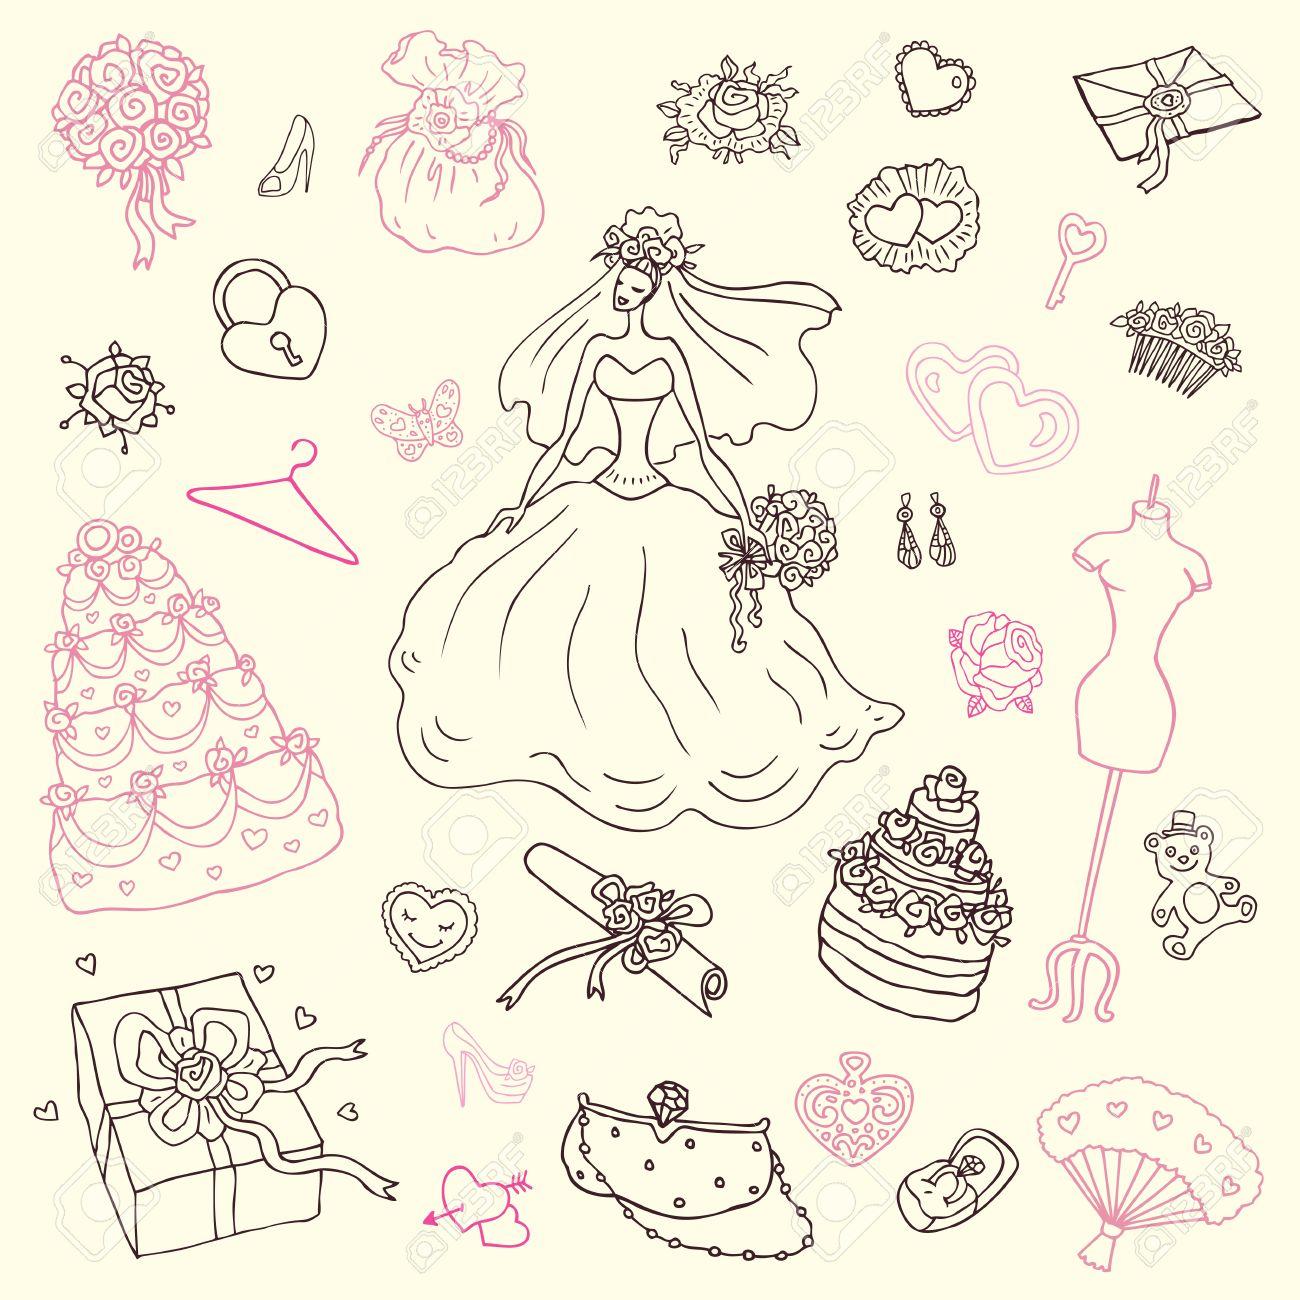 かわいい手描きイラストの結婚式セット ロイヤリティフリークリップ